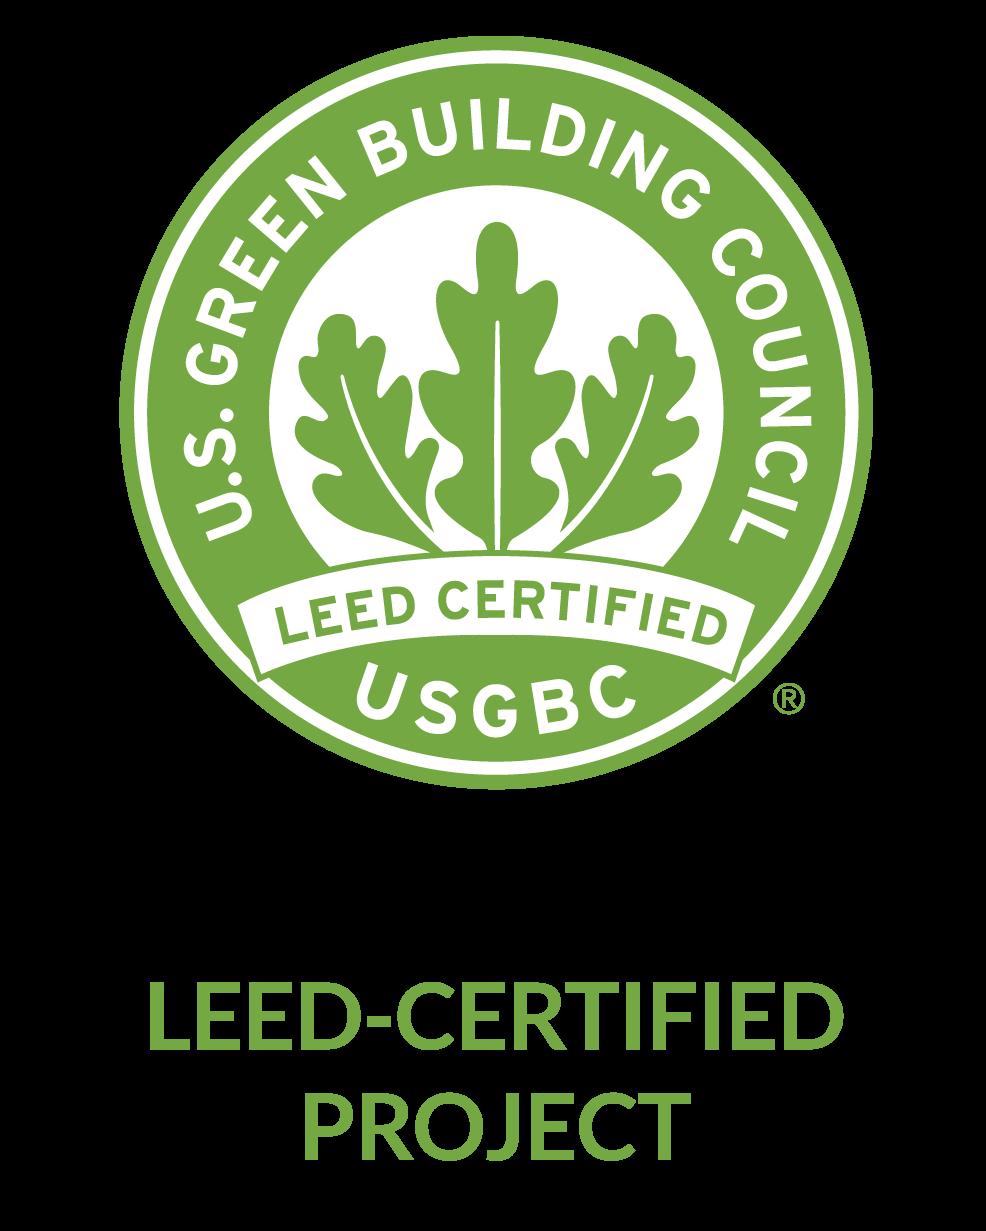 certificación leed, USBC, leed certified, certificado leed